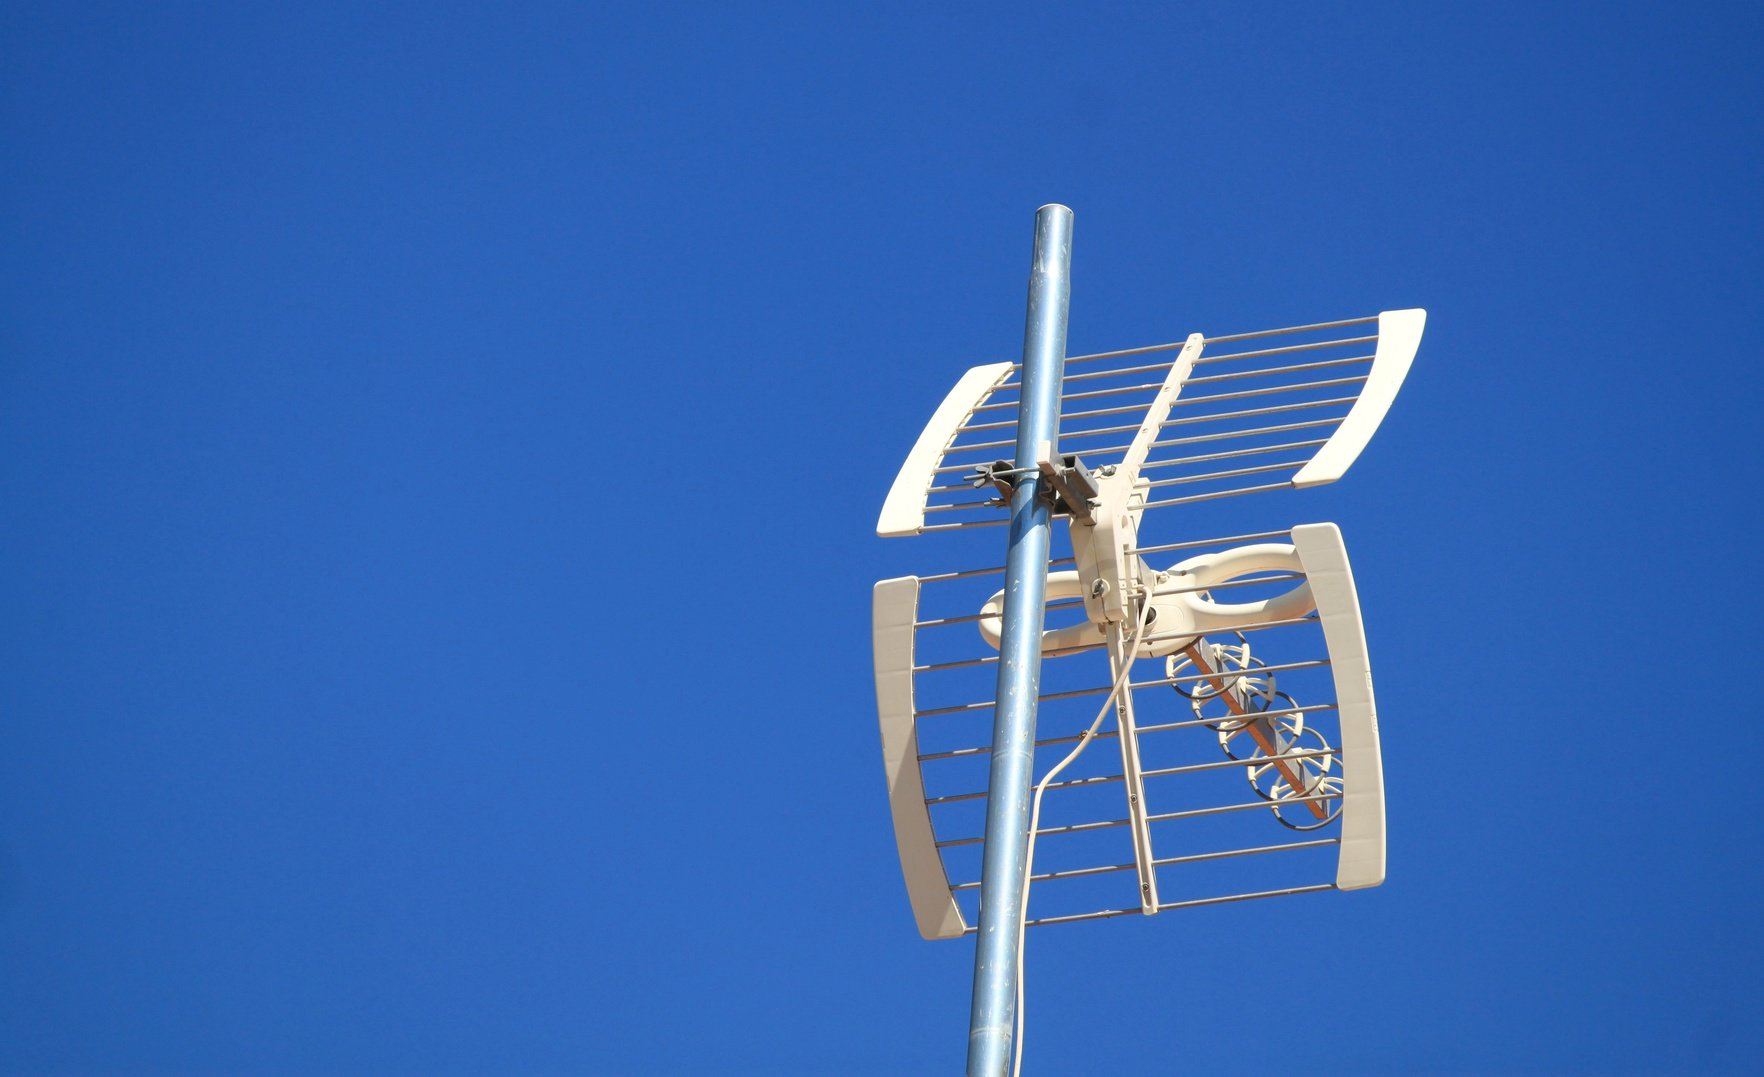 Antenne tv : Un moyen parfait pour développer l'antenne ?